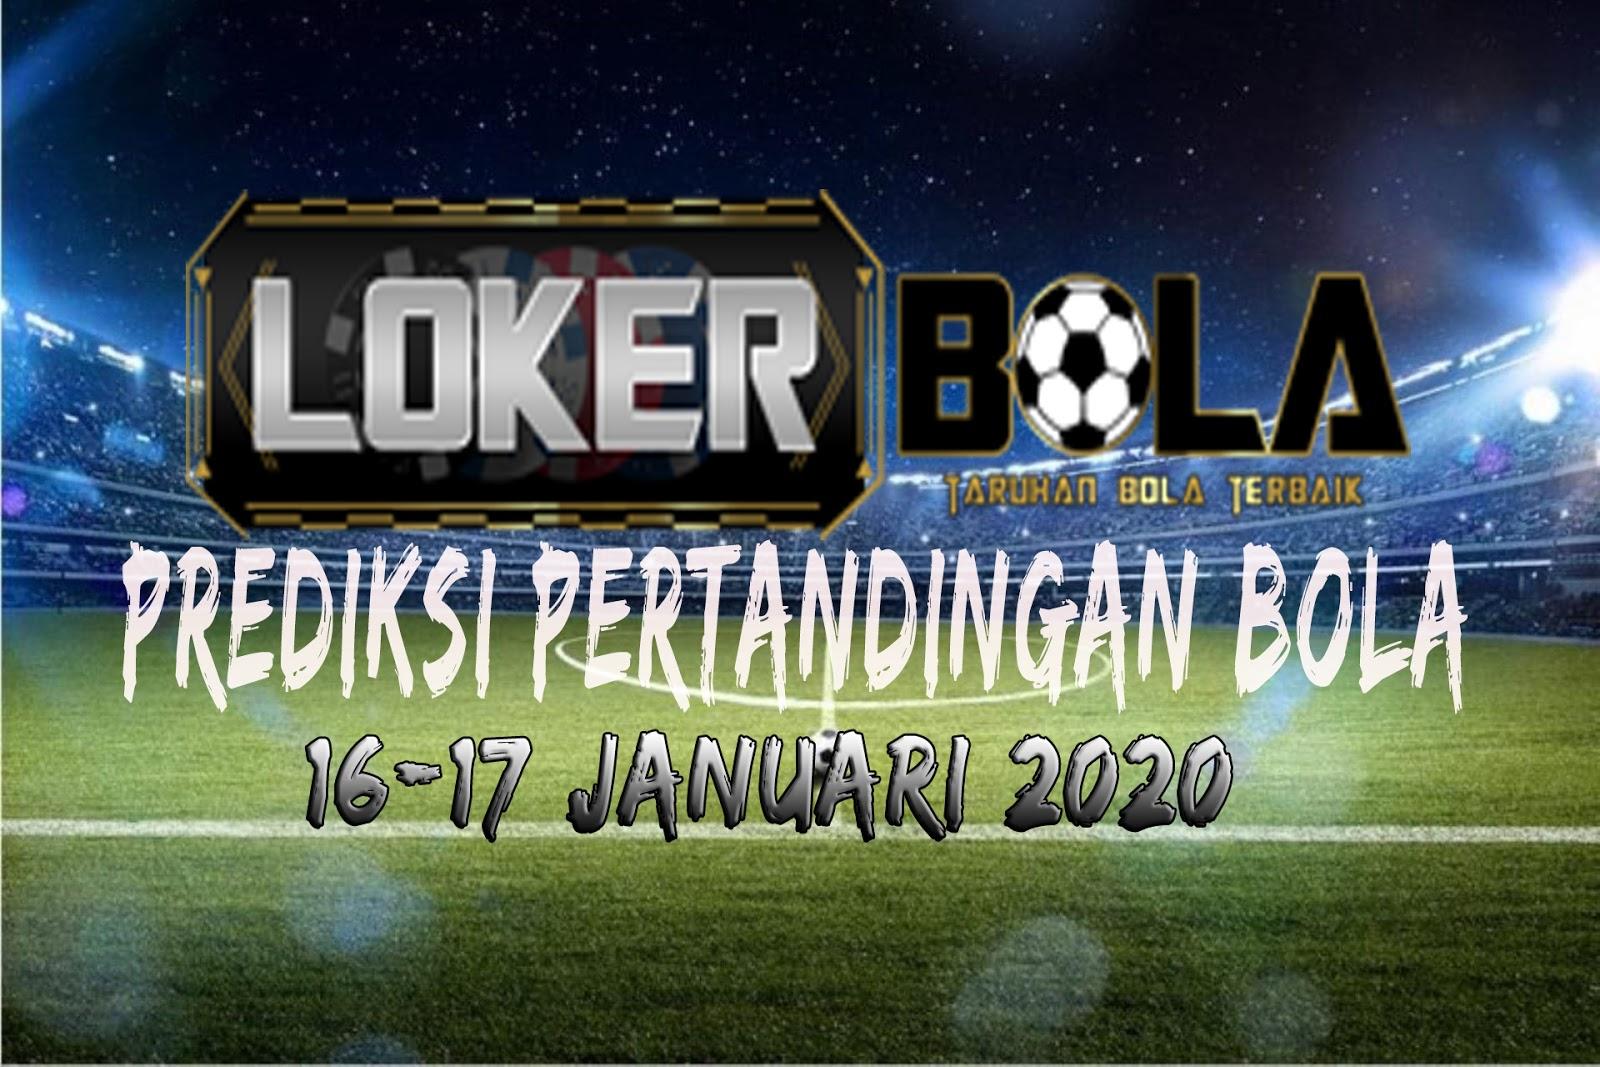 PREDIKSI PERTANDINGAN BOLA 16-17 JANUARI 2020